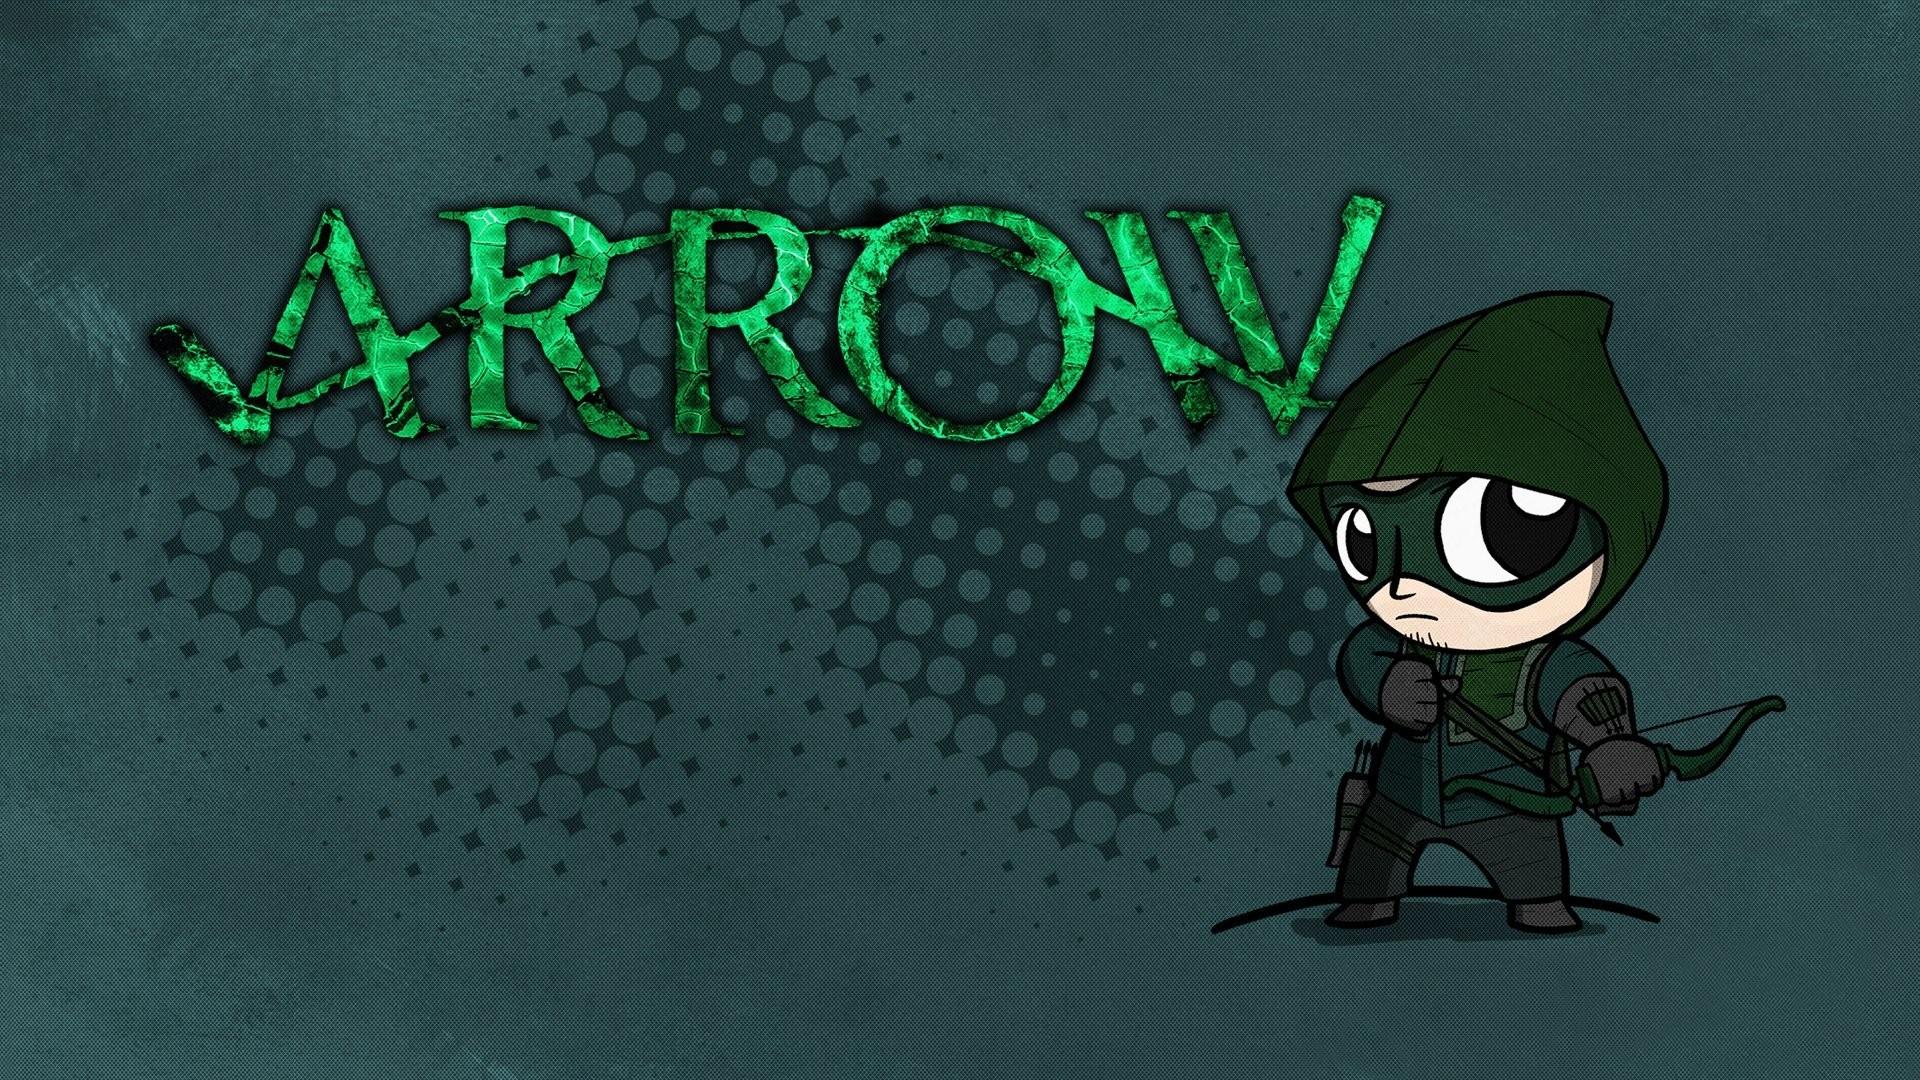 dc comics comics adult universe green arrow green arrow emerald archer  battle arrows minimalism .